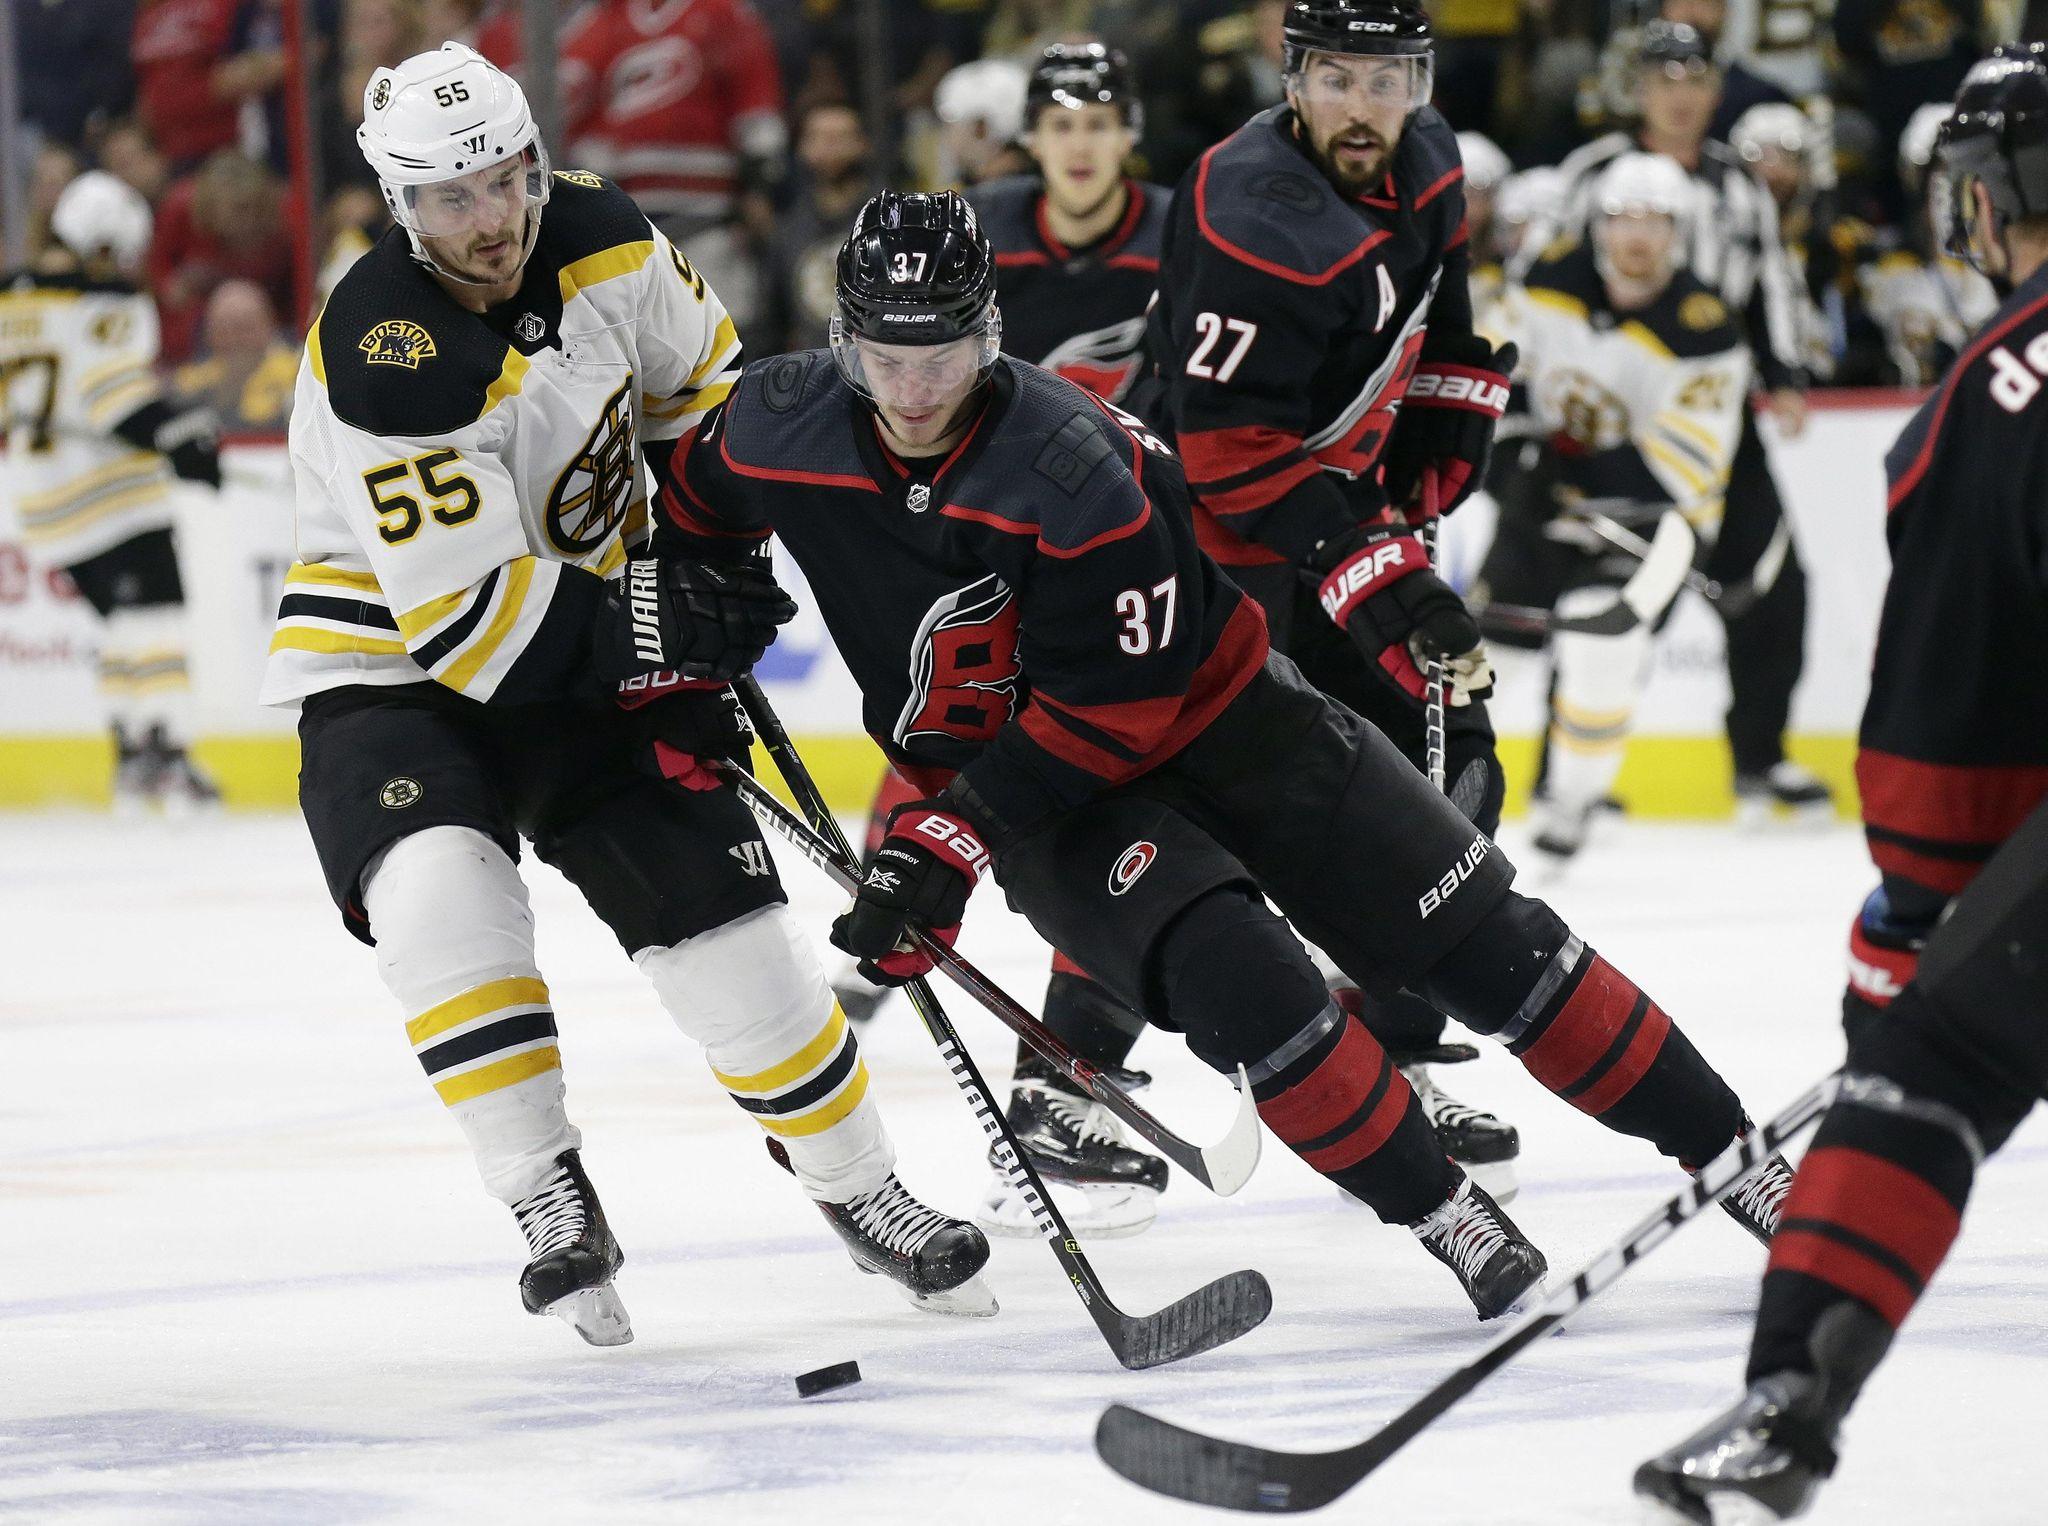 Bruins_hurricanes_hockey_55213_s2048x1526